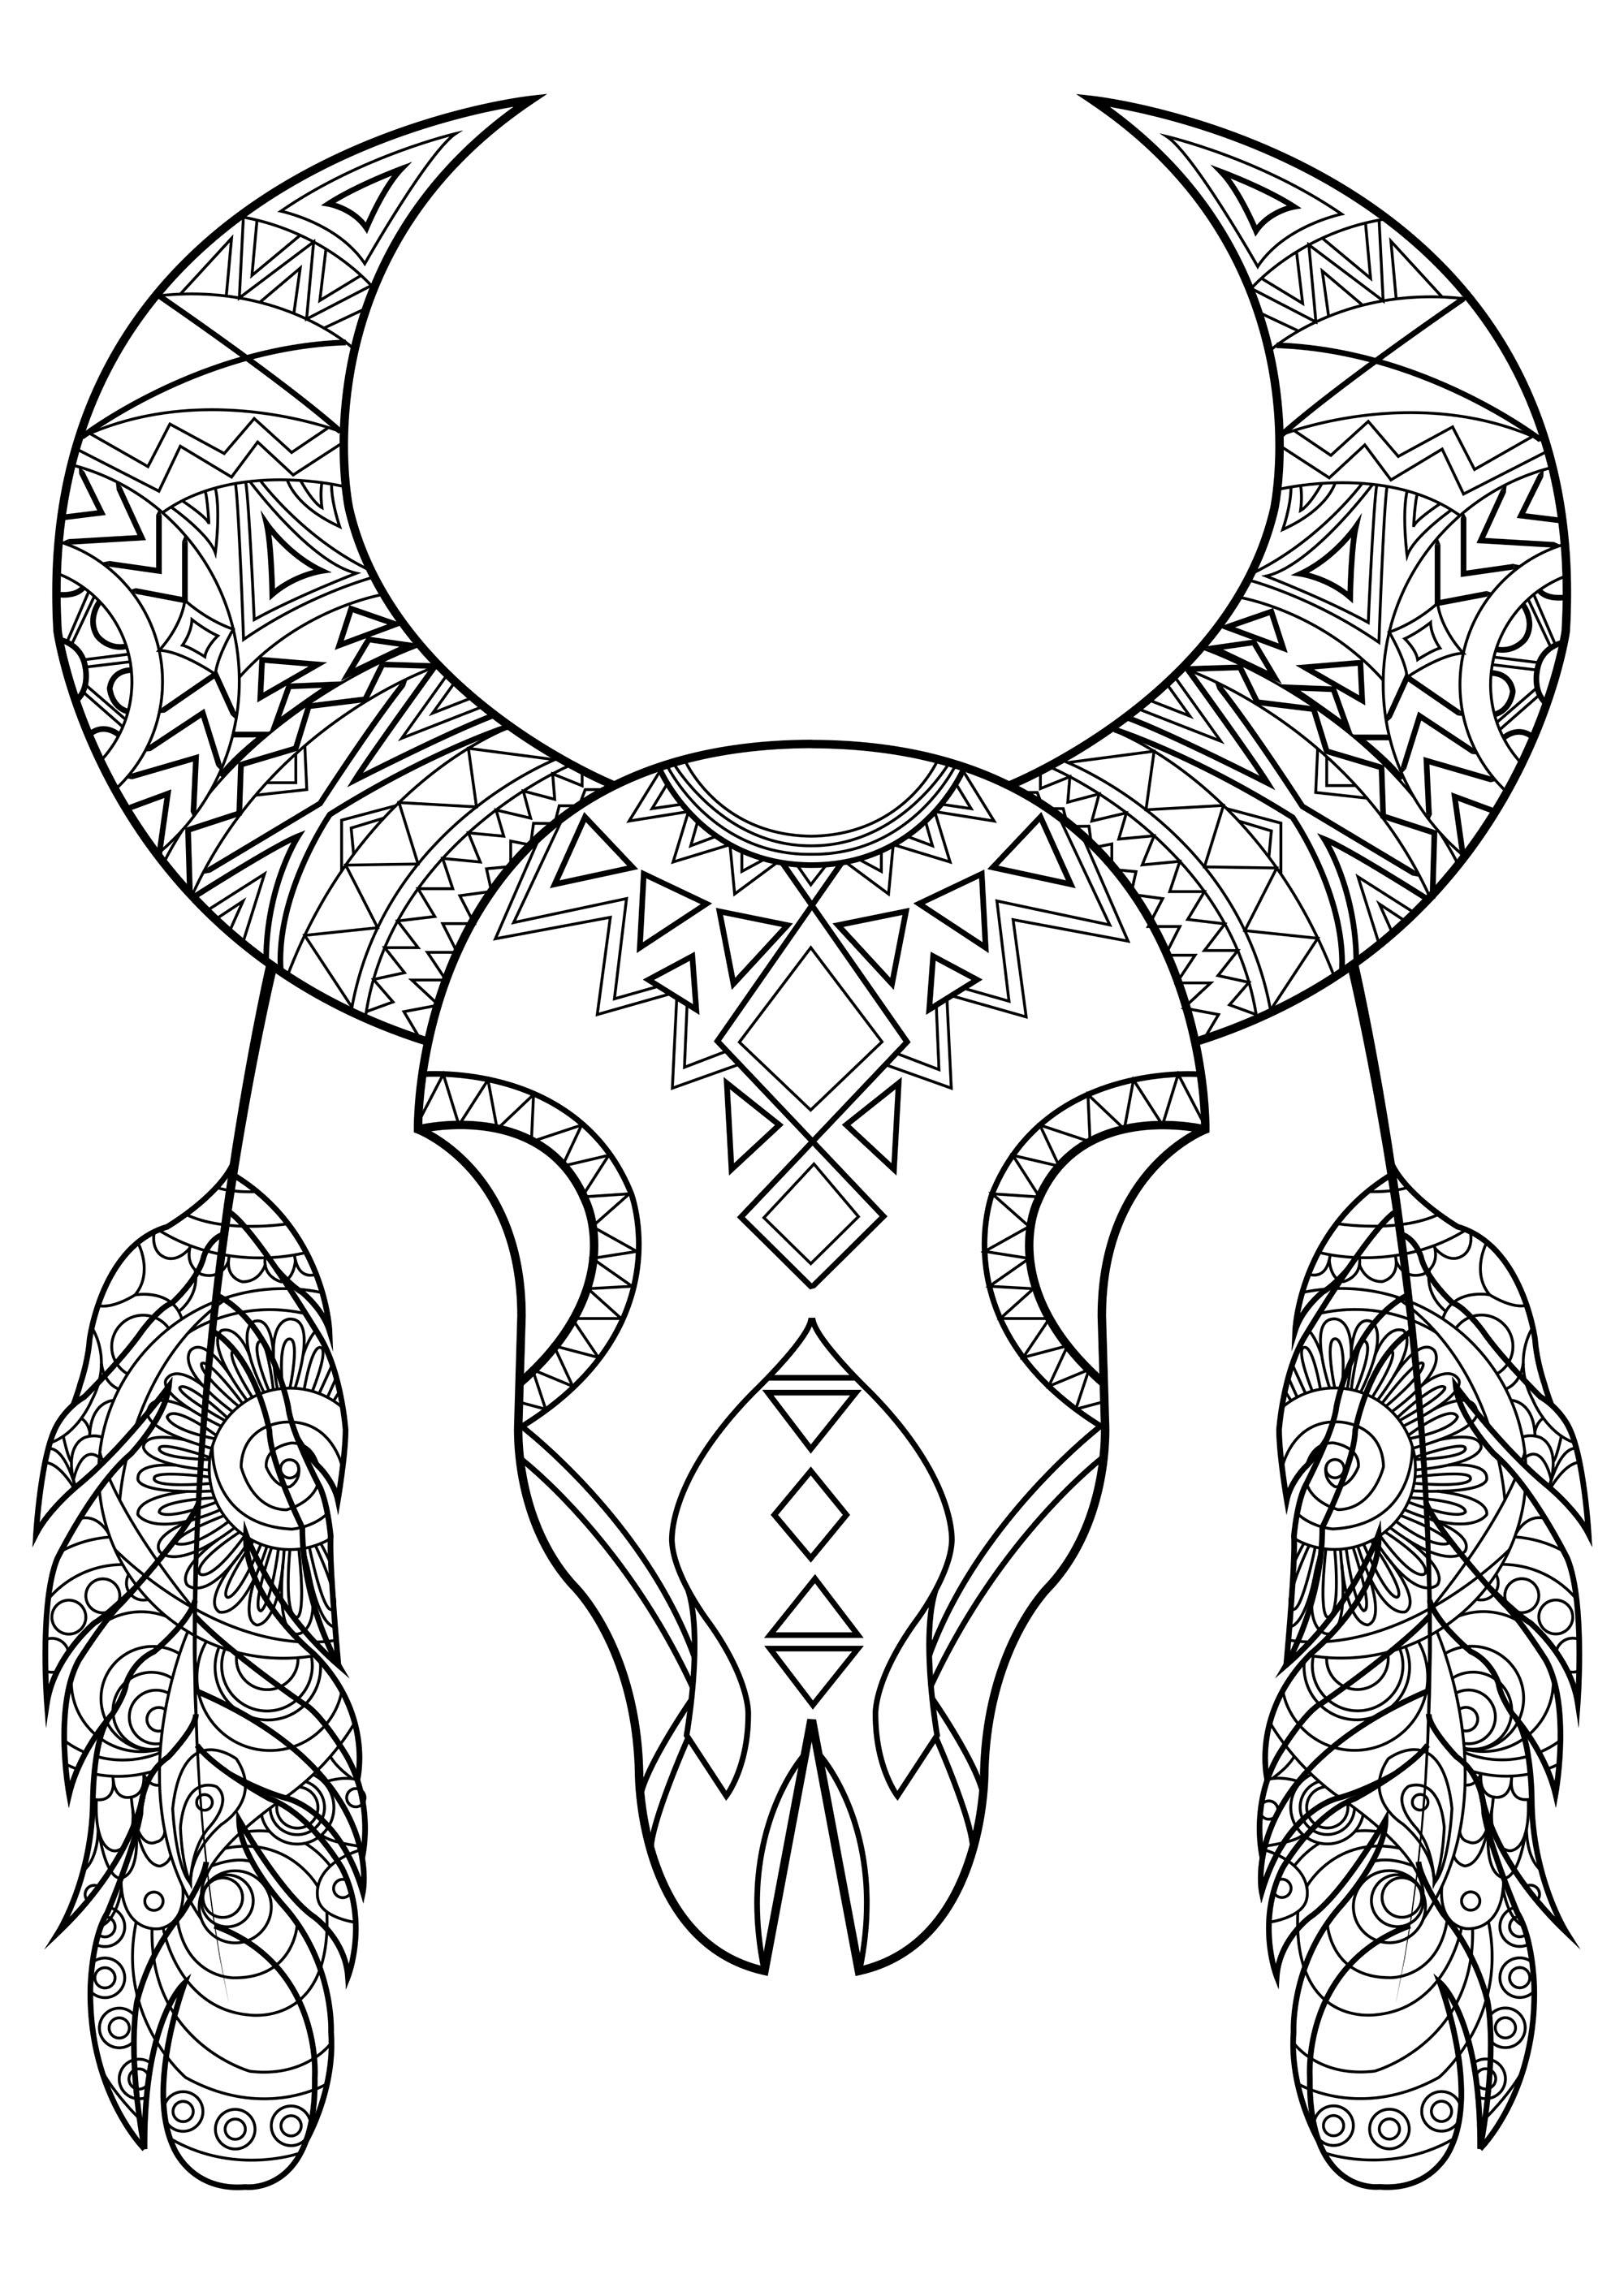 De nombreuses tribus amérindiennes vénèrent les bisons, et si vous coloriez celui-ci ?